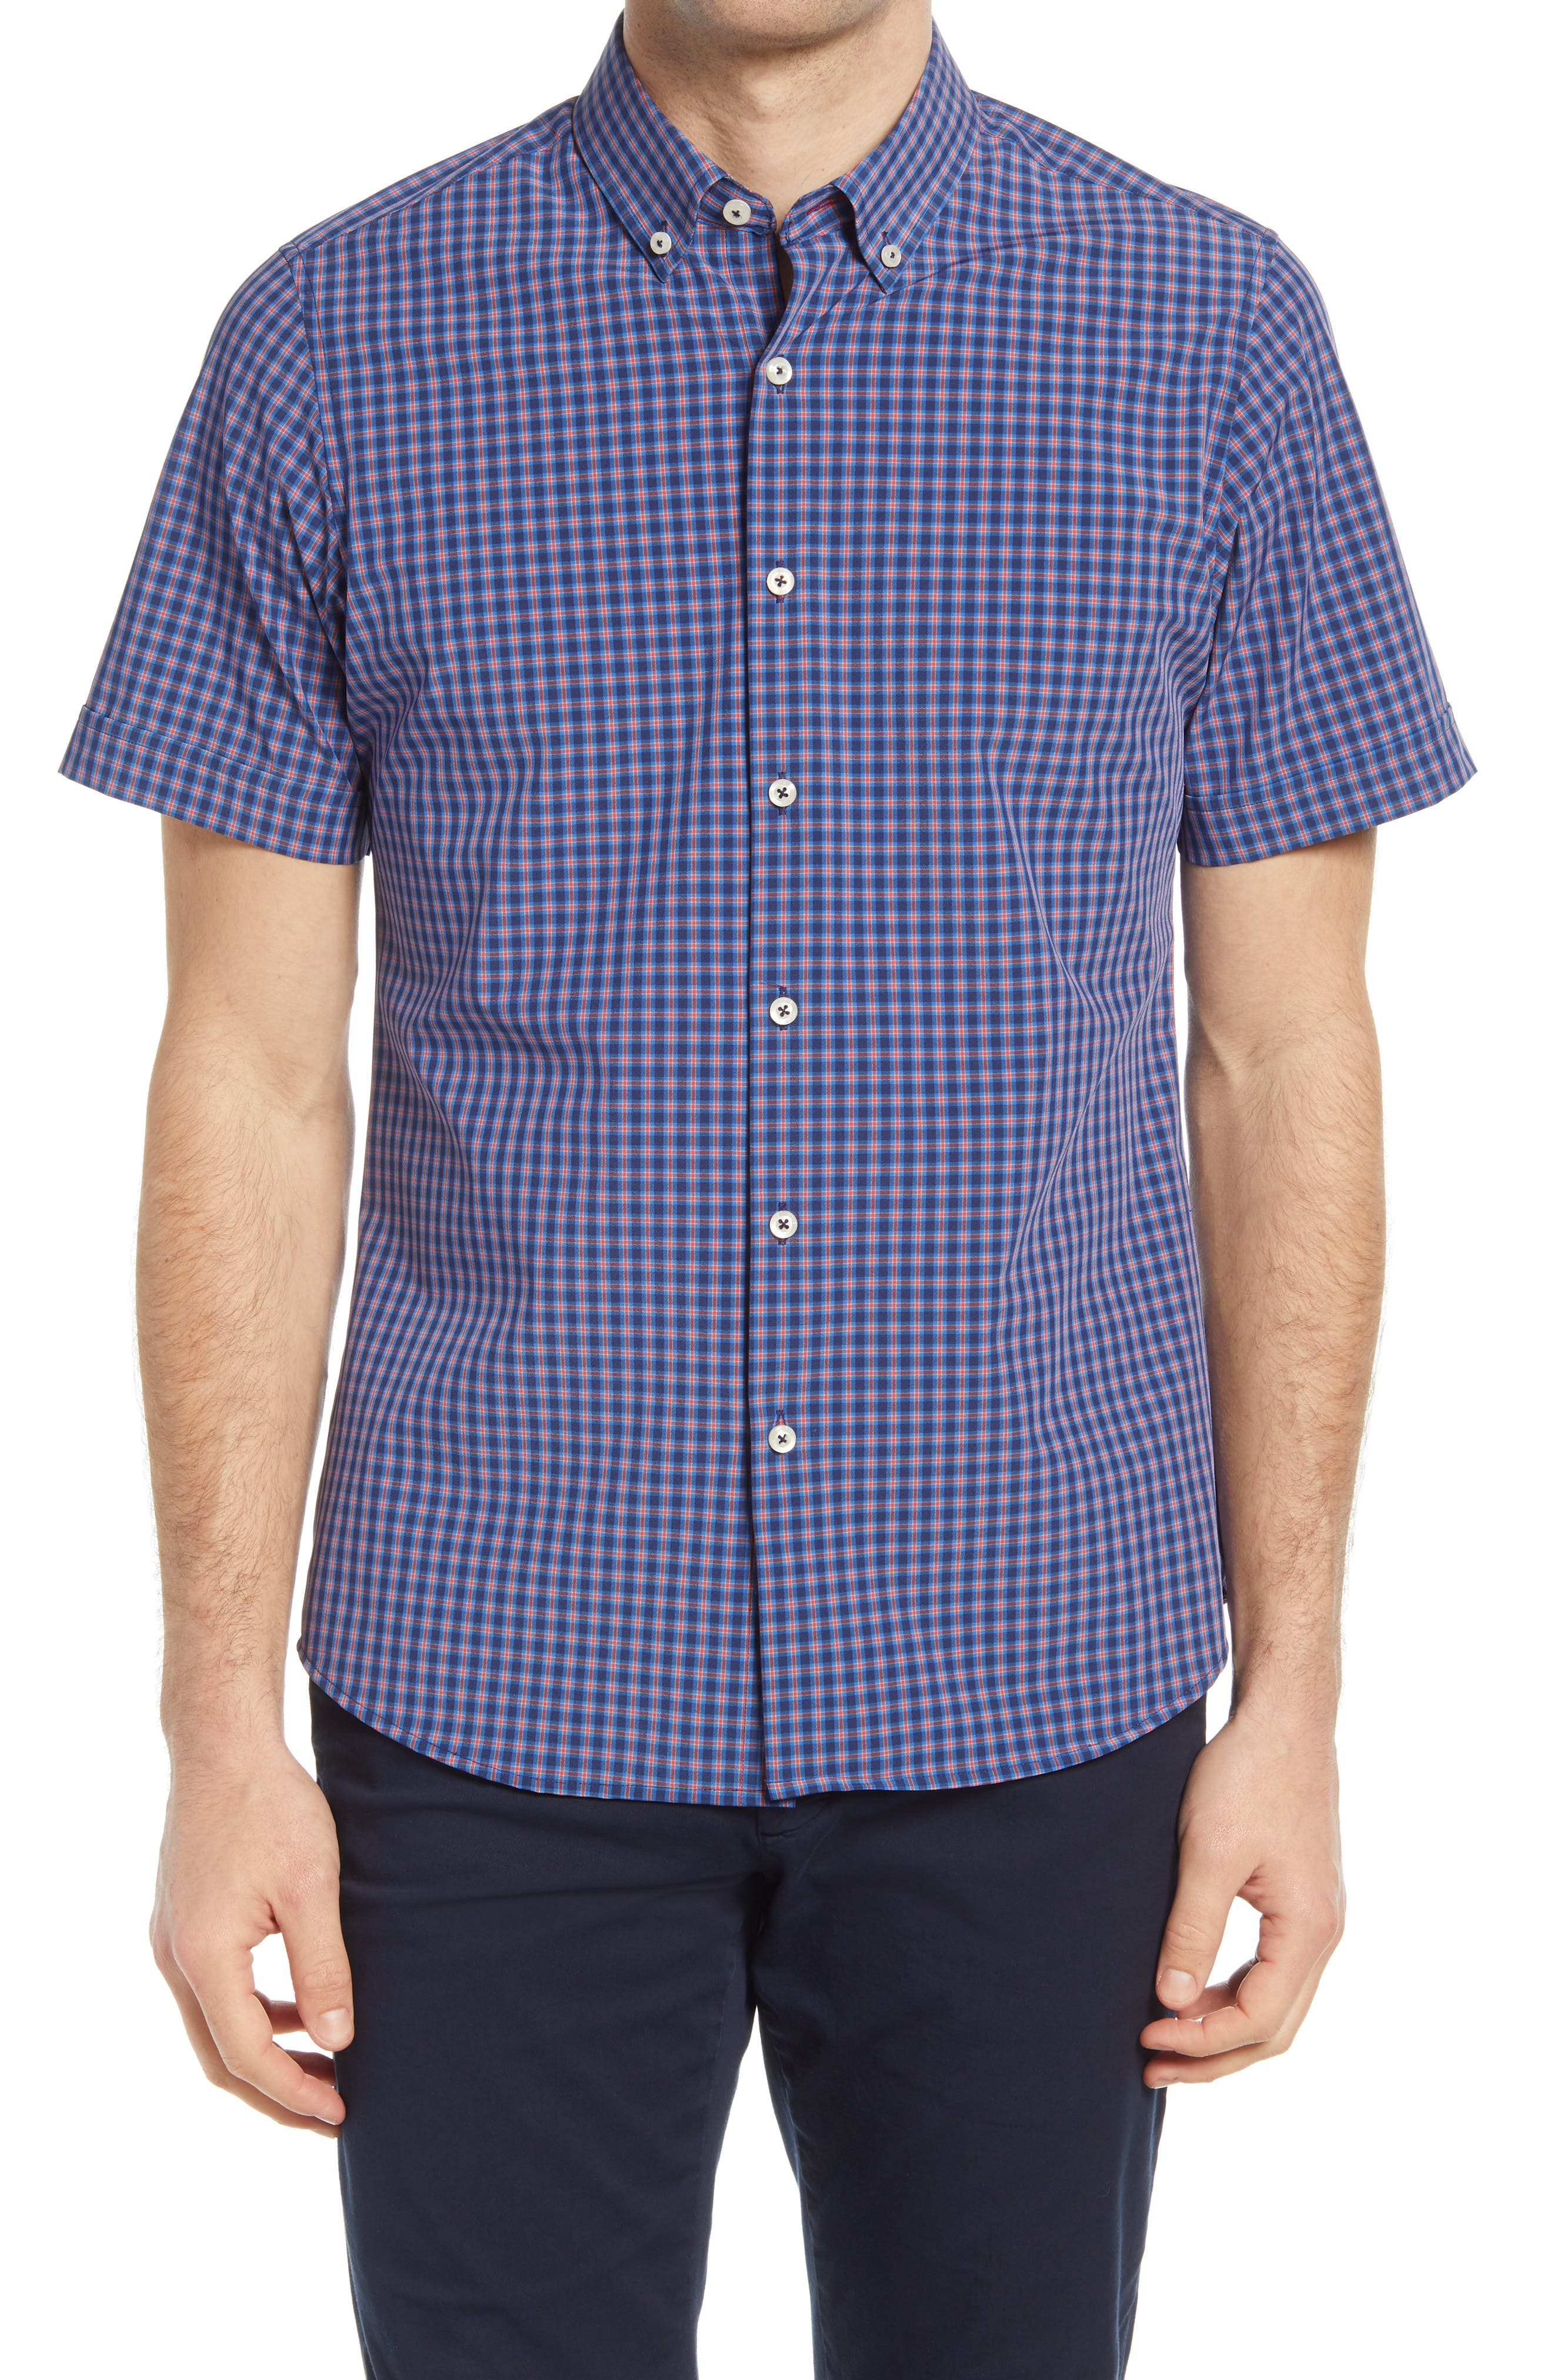 Plaid Short Sleeve Button-Down Shirt